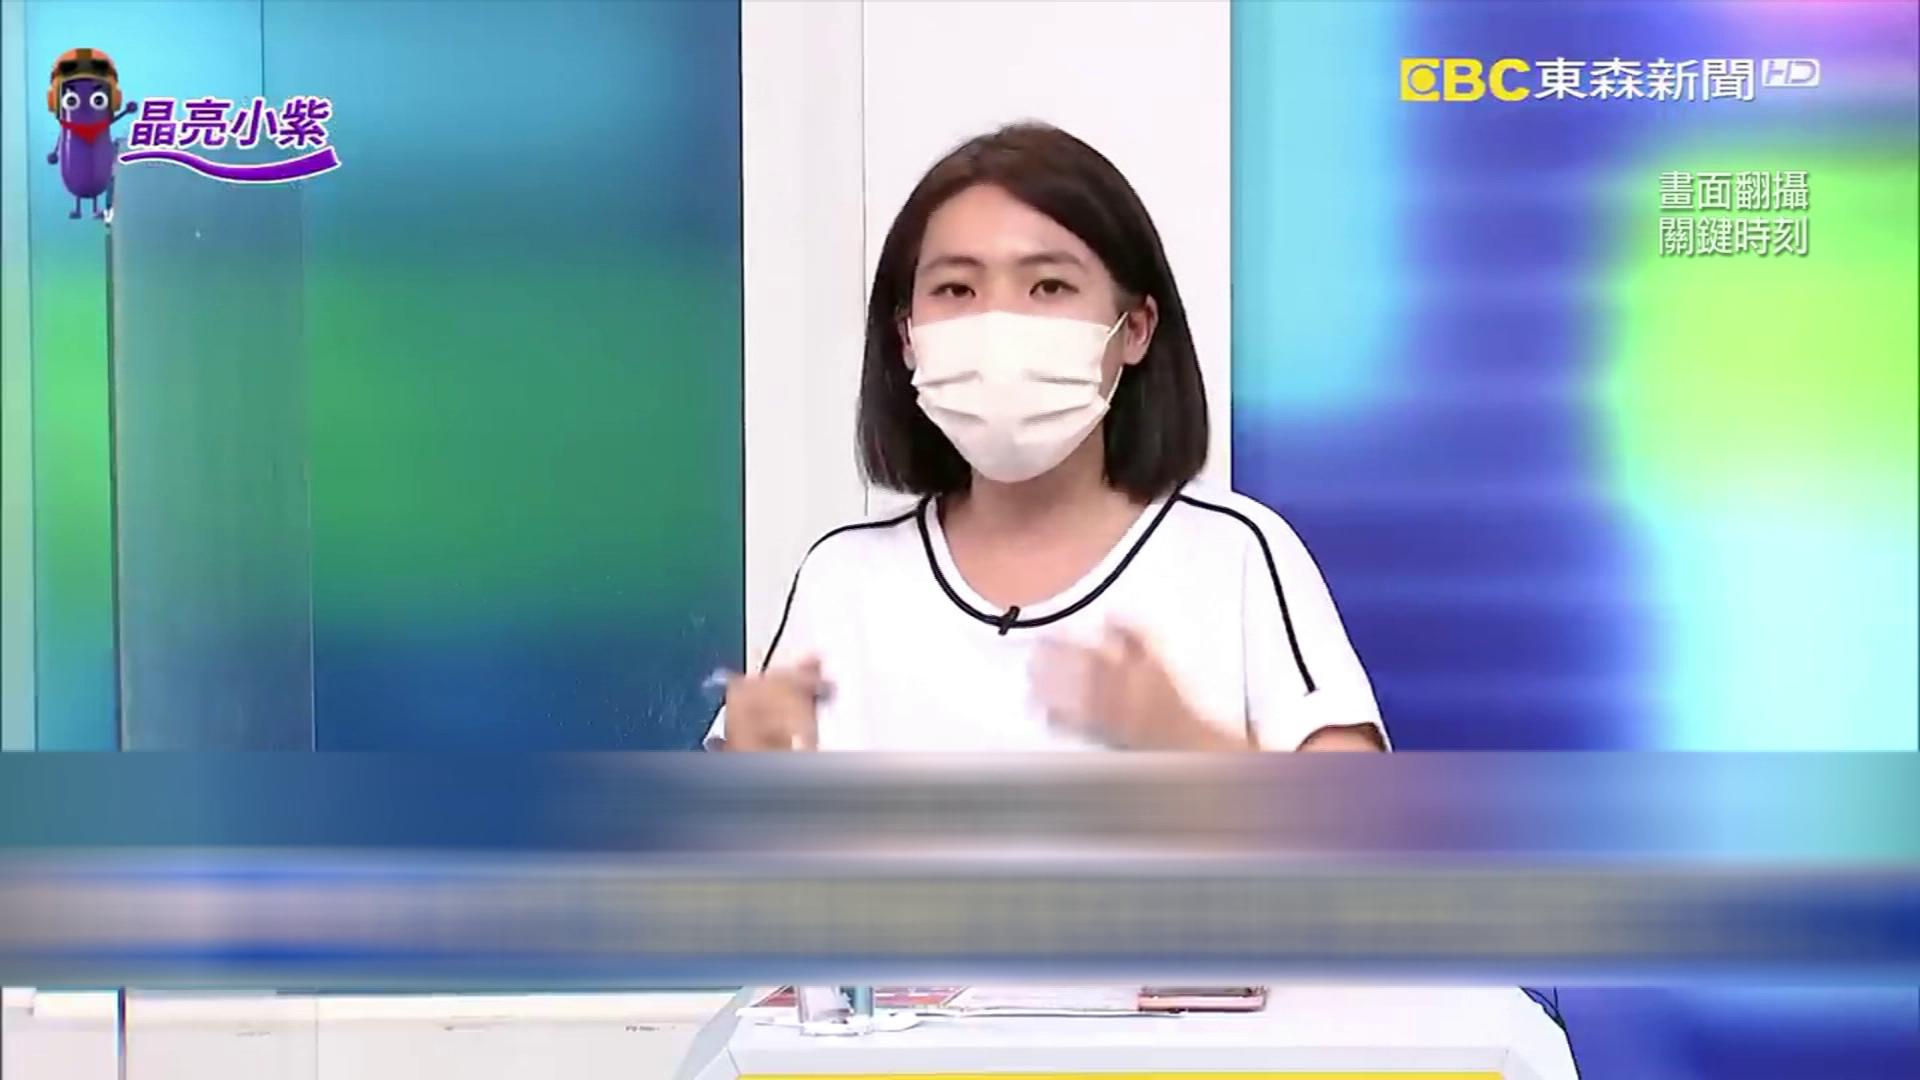 徐巧芯「落地購物說」引爭議 空服員工會怒駁被抹黑